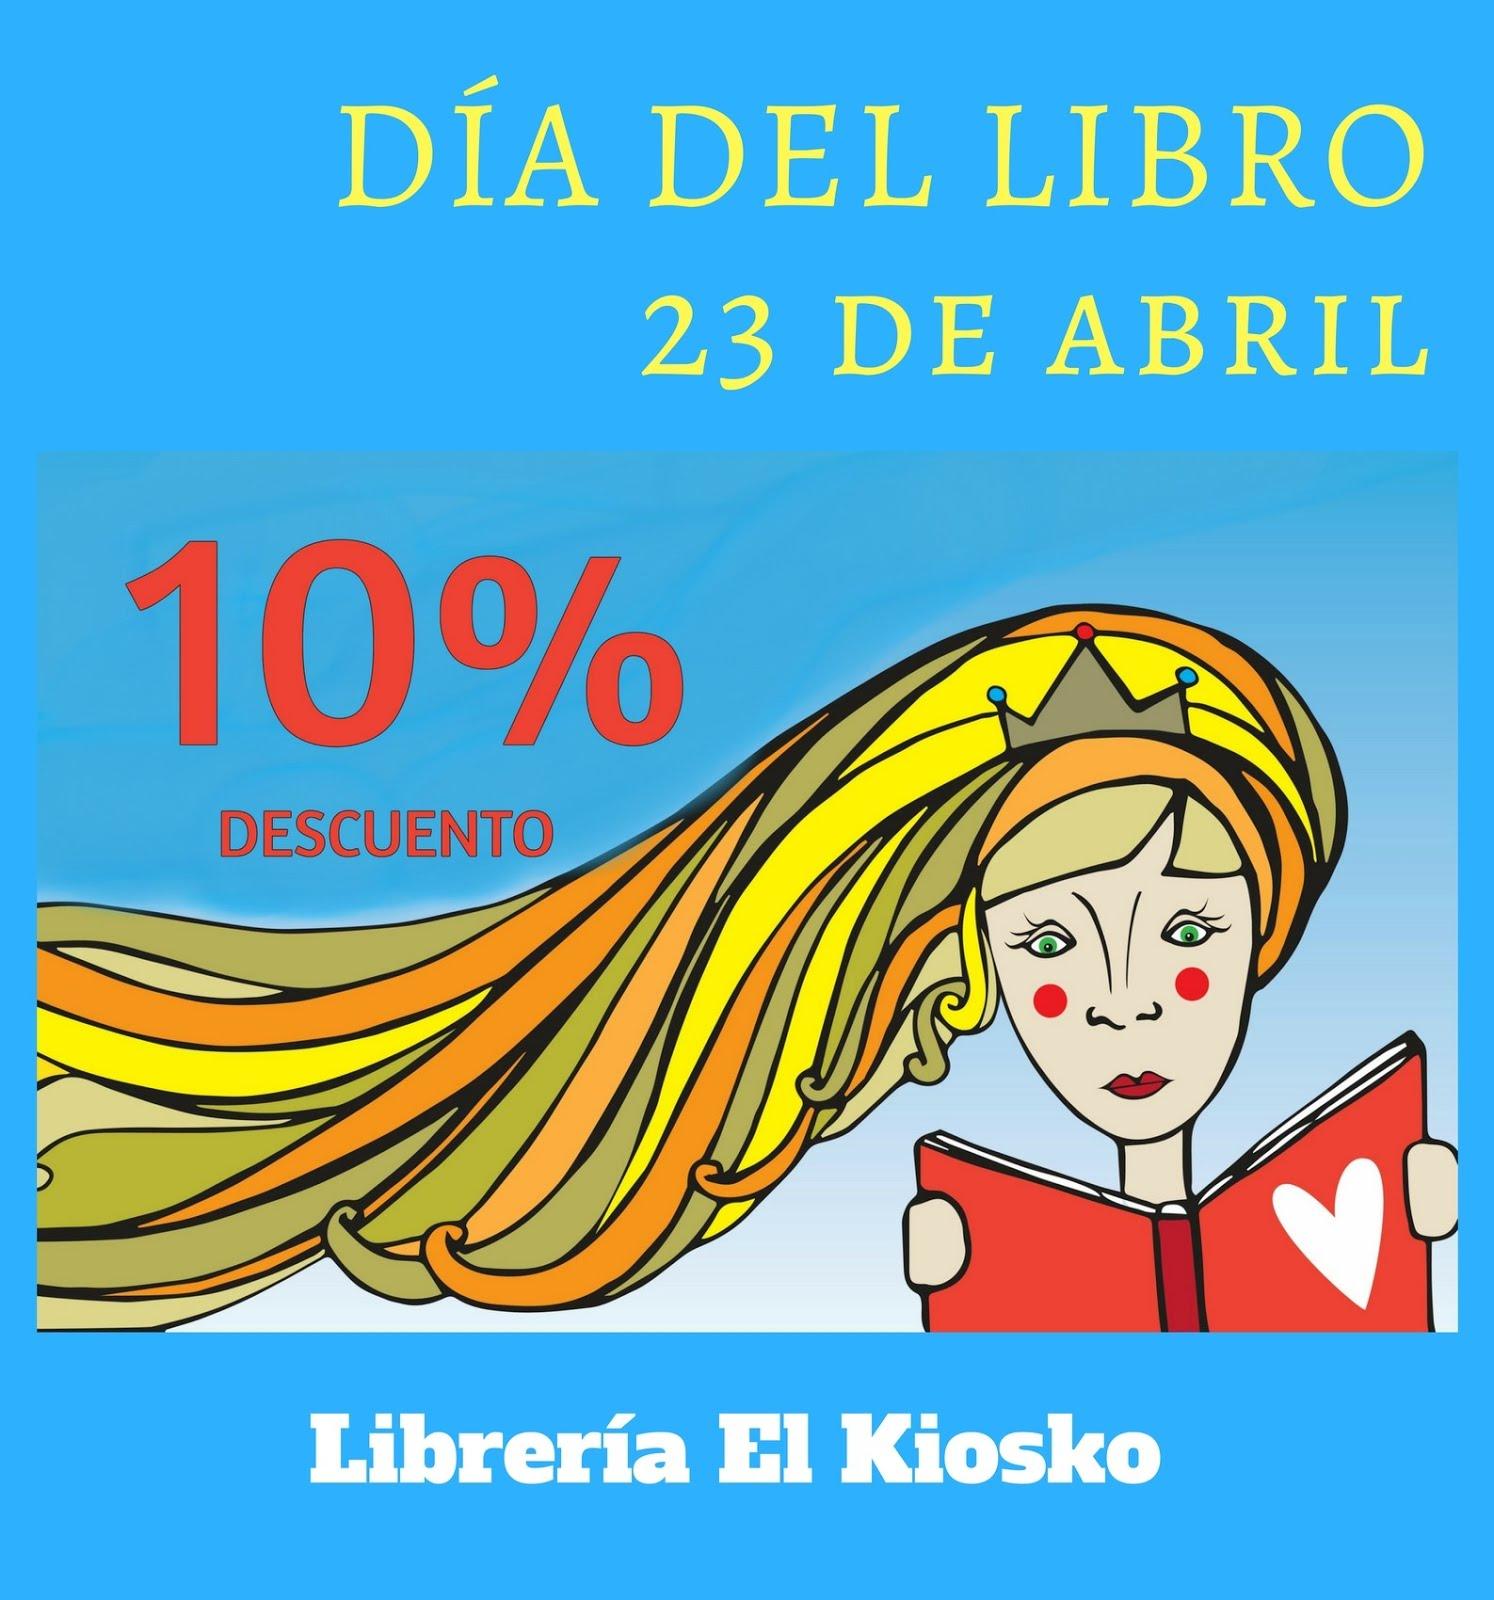 Todos los libros, 10 % de descuento en El Kiosko